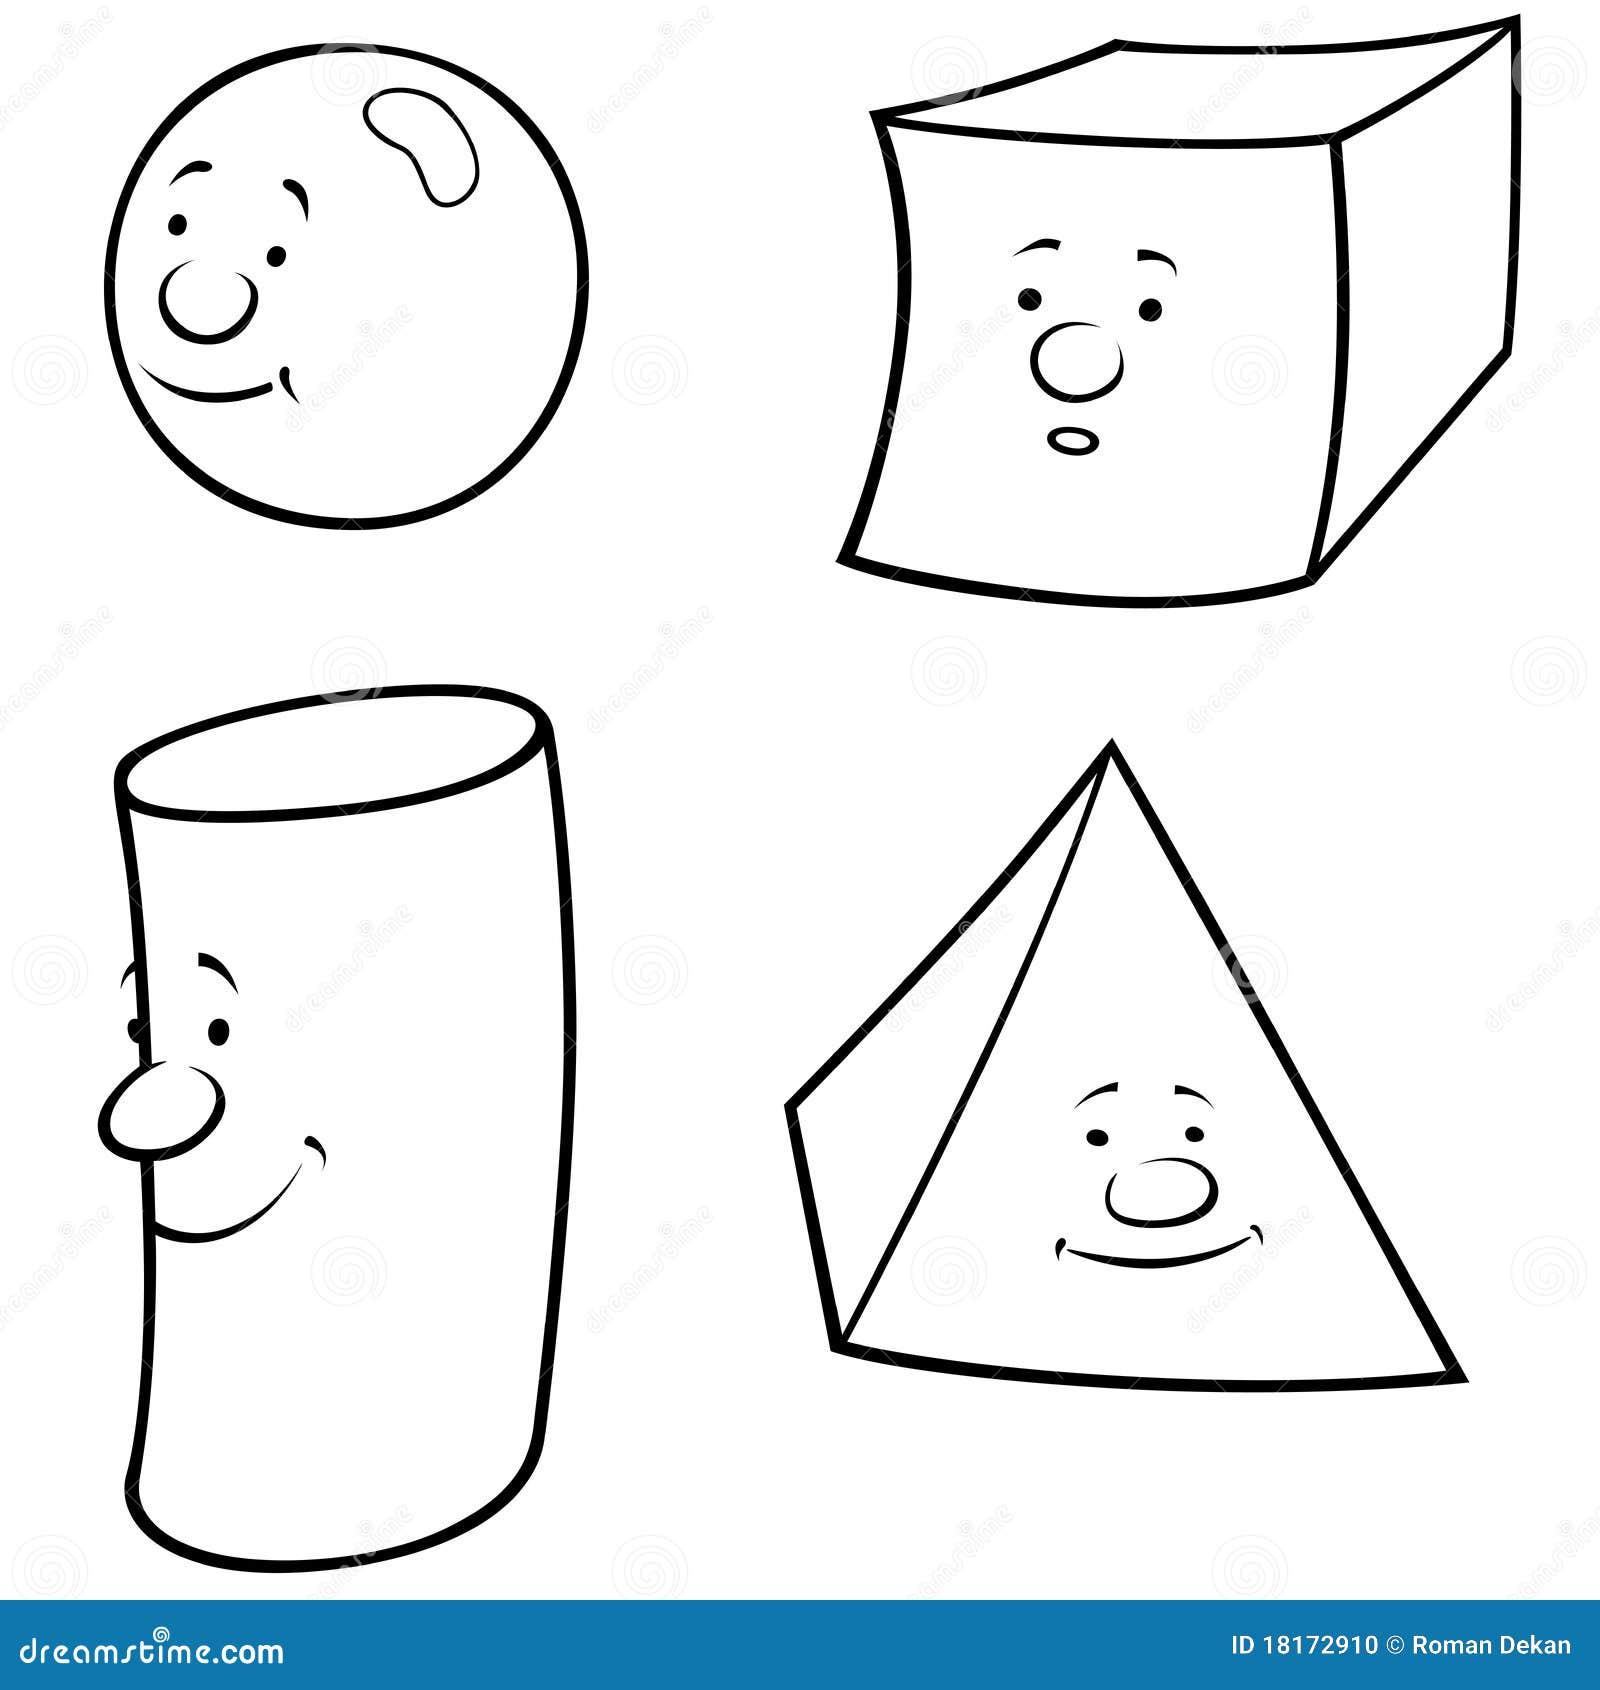 Черно белый рисунок геометрические фигуры